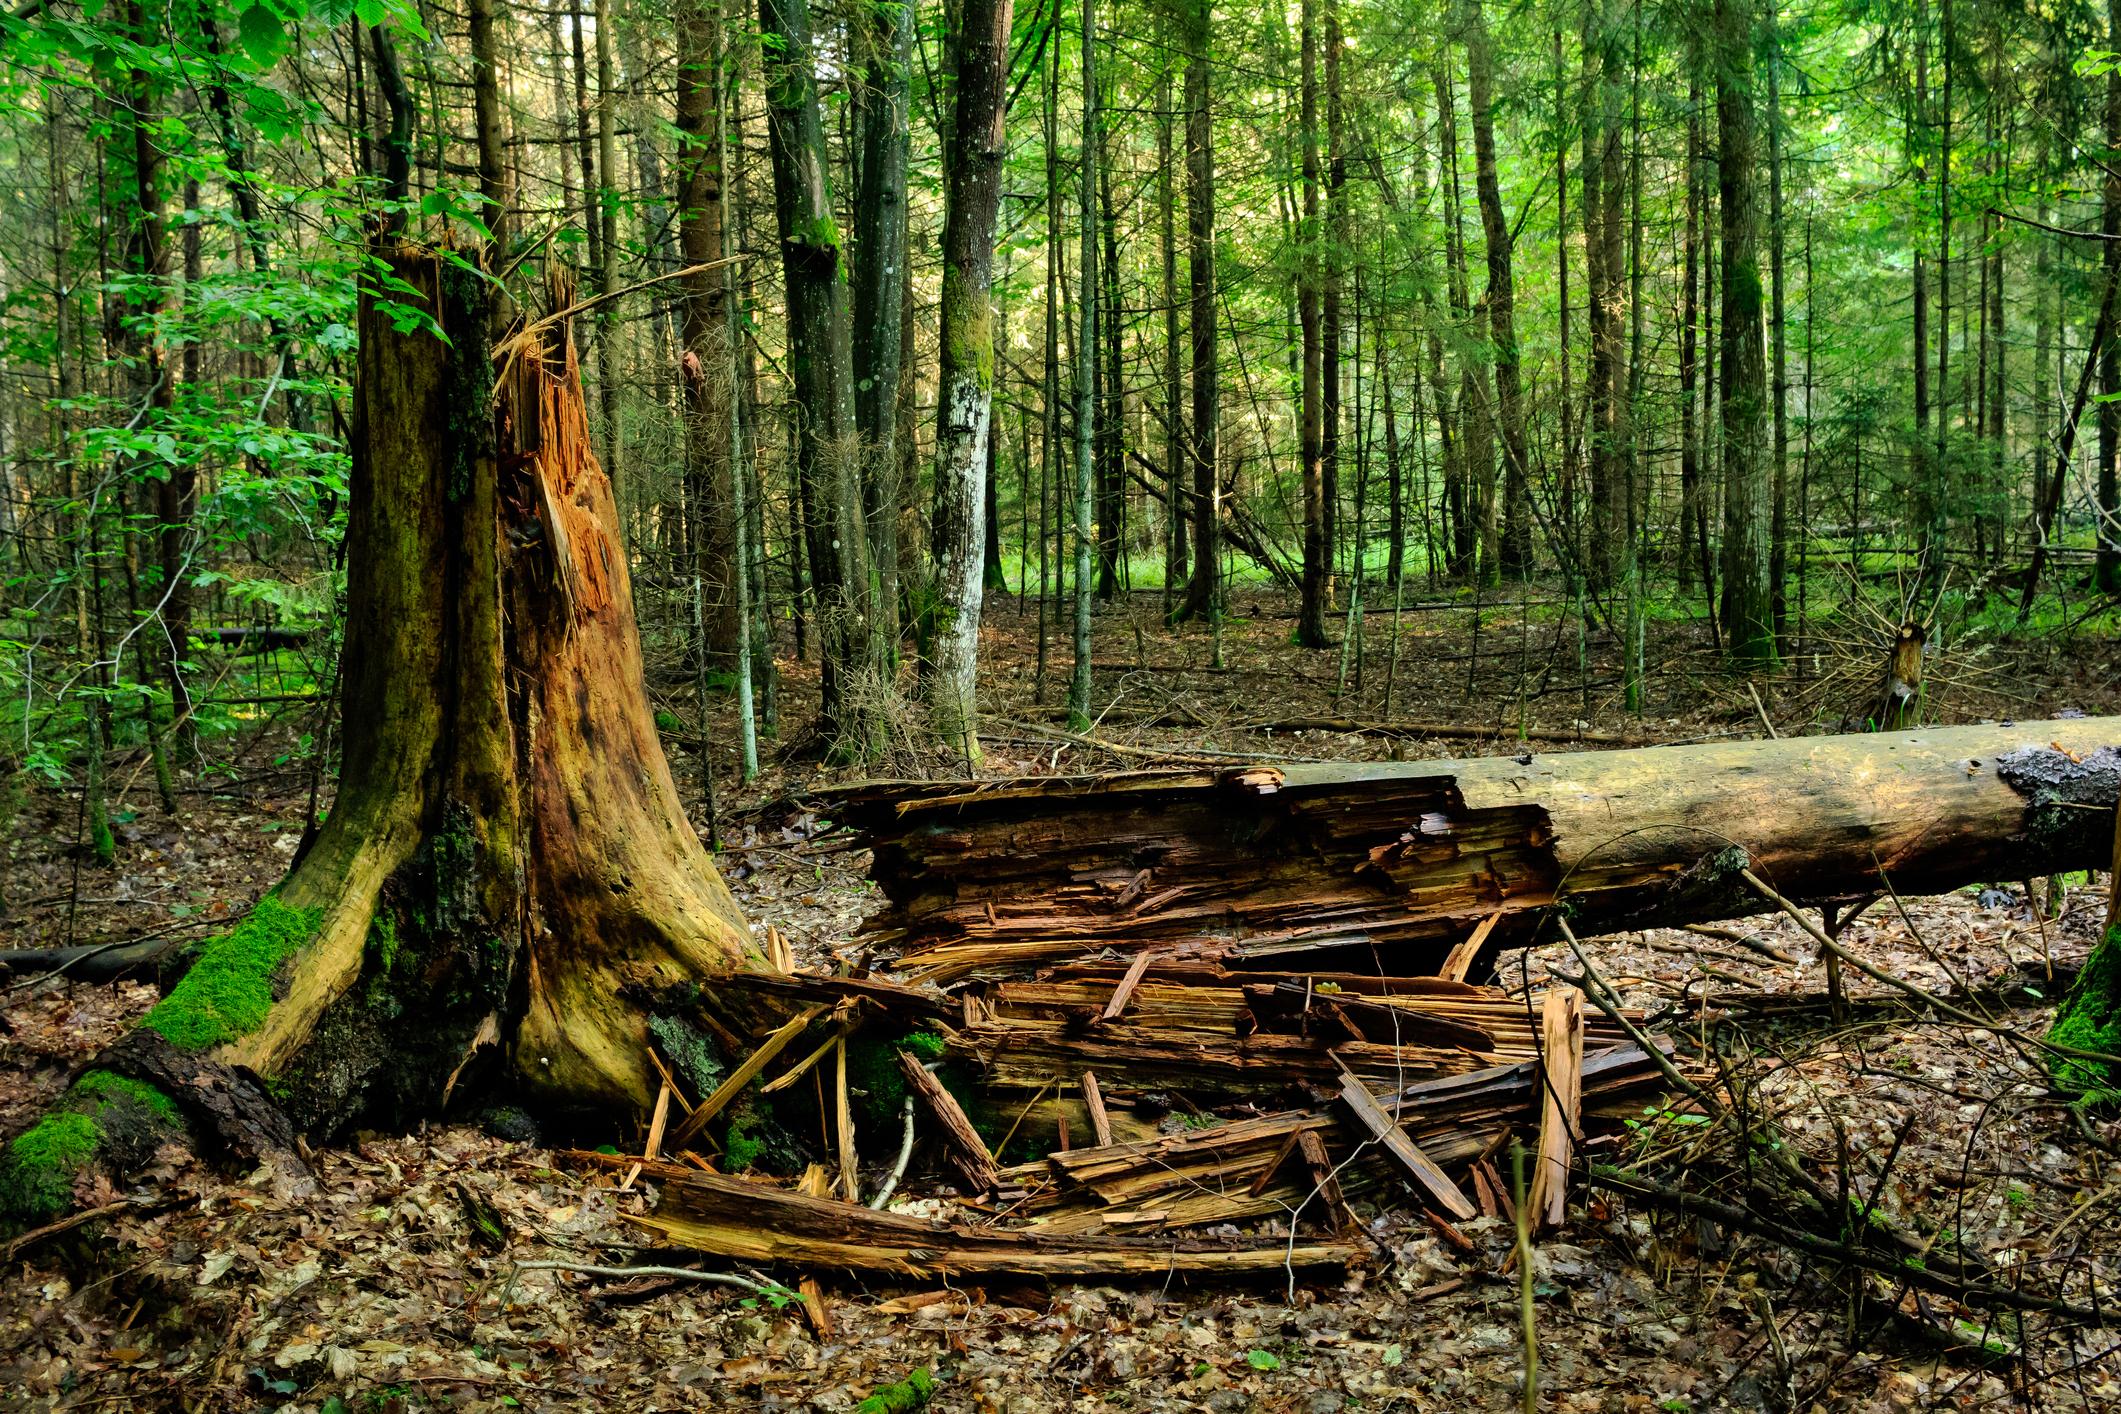 A fallen tree in a forest